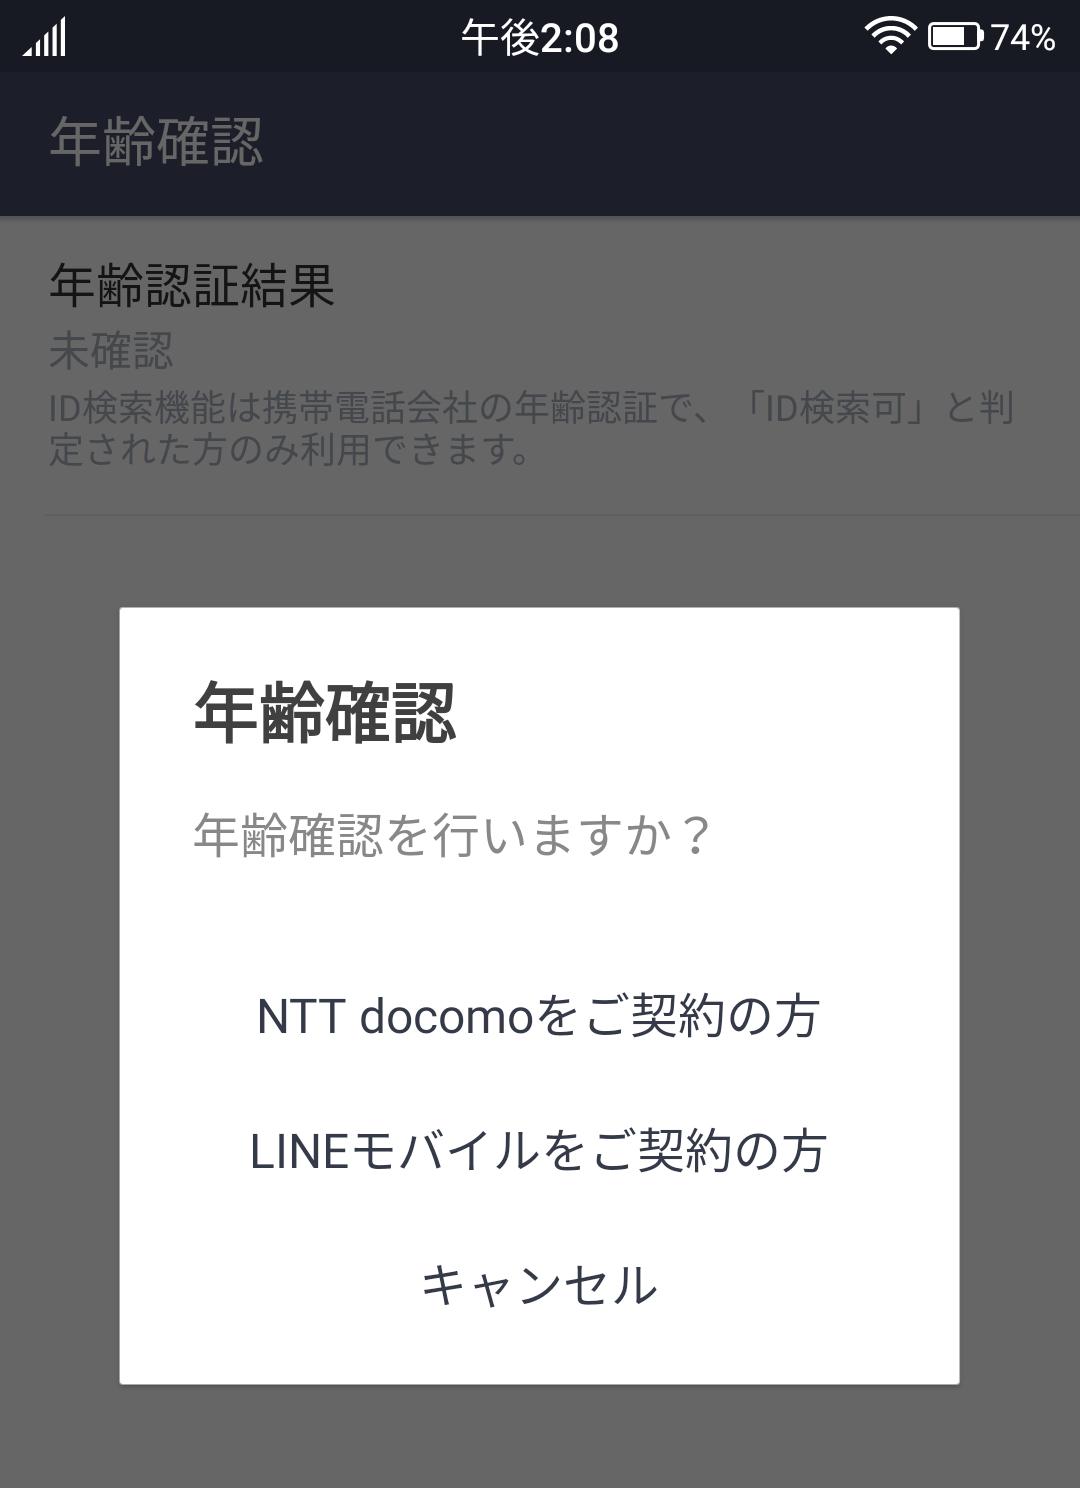 LINEモバイルでLINEの年齢認証の方法、その1